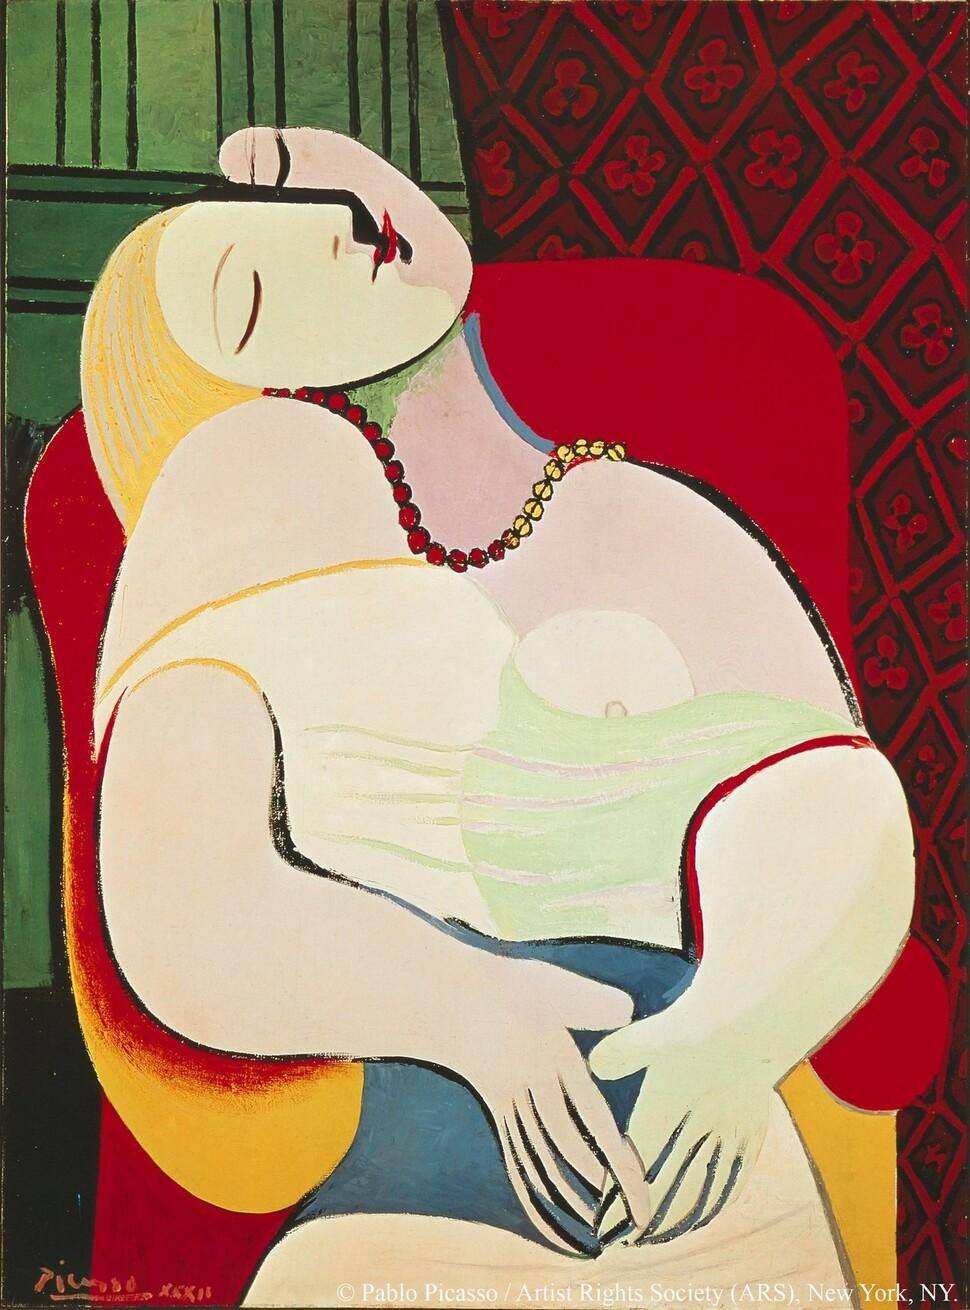 파블로 피카소, <꿈>, 1932년, 캔버스에 유채, 개인 소장